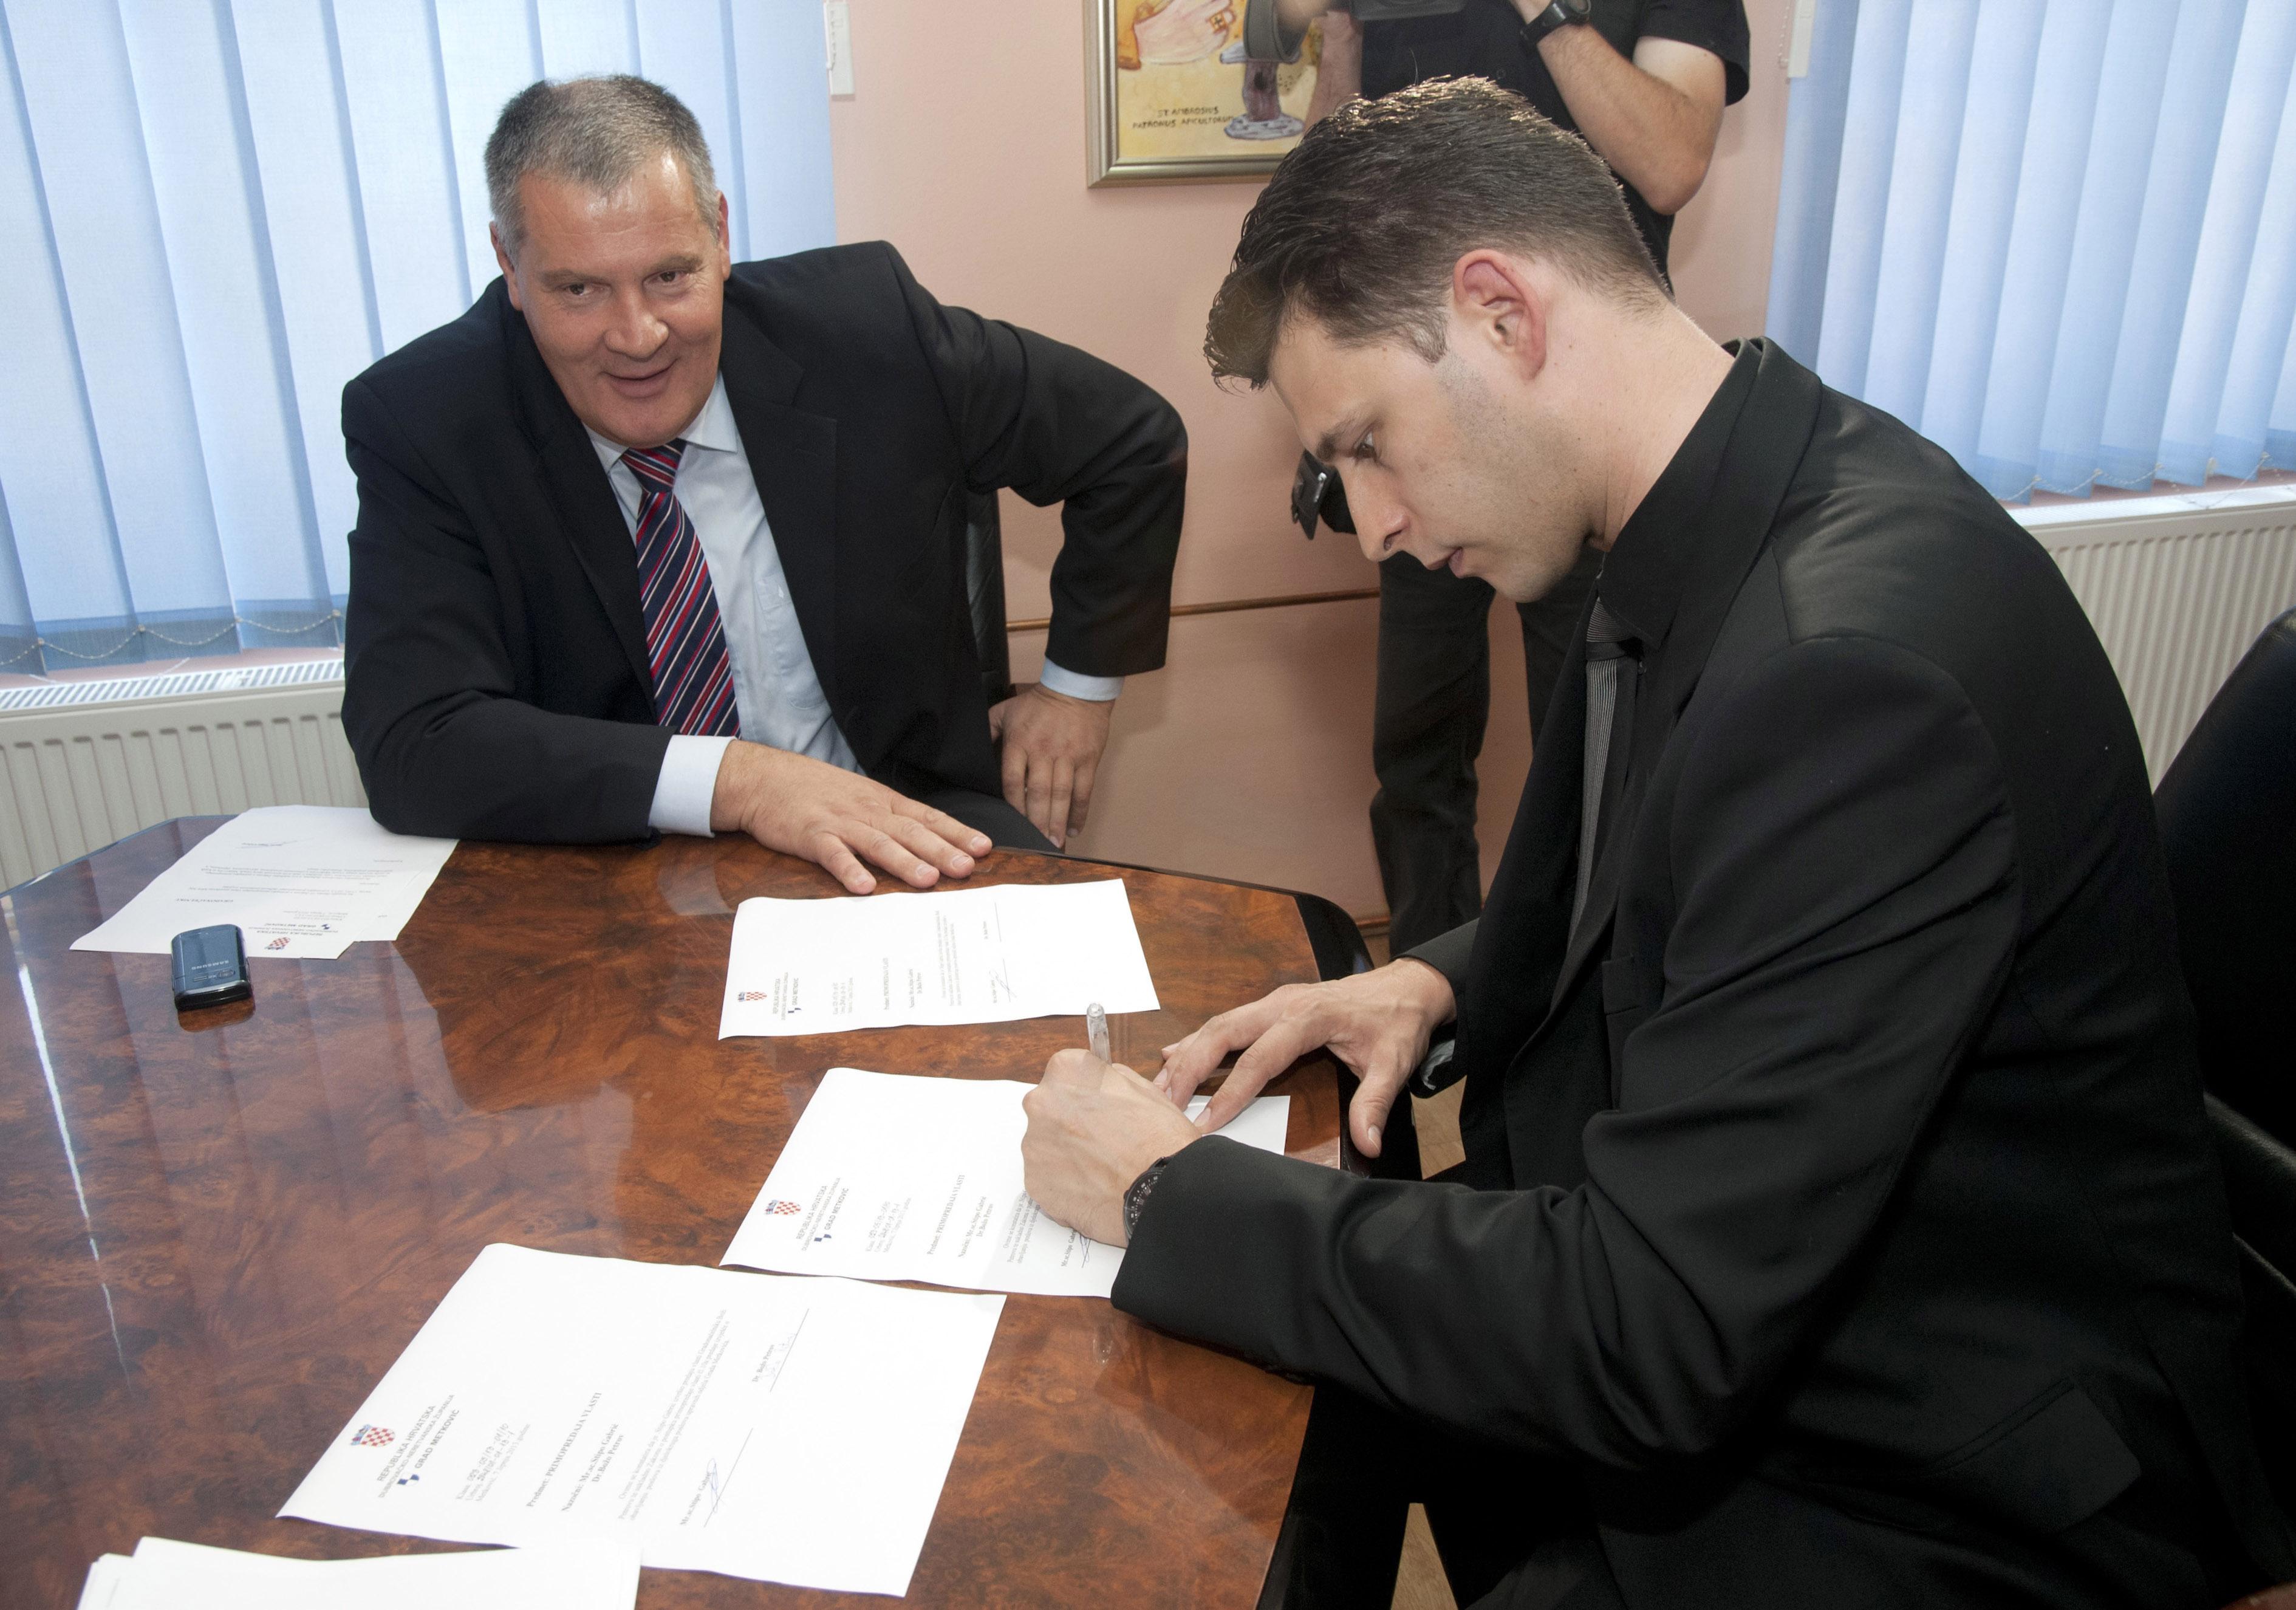 Stipe Gabrić Jambo službeno je 7. lipnja 2013. predao vlast svom nasljedniku dr. Boži Petrovu. Gabrić je predajući vlast priznao da je grad u teškoj financijskoj situaciji, ali na izravno pitanje Nikole Grmoje nije rekao koliki je gubitak u gradskoj blagajni